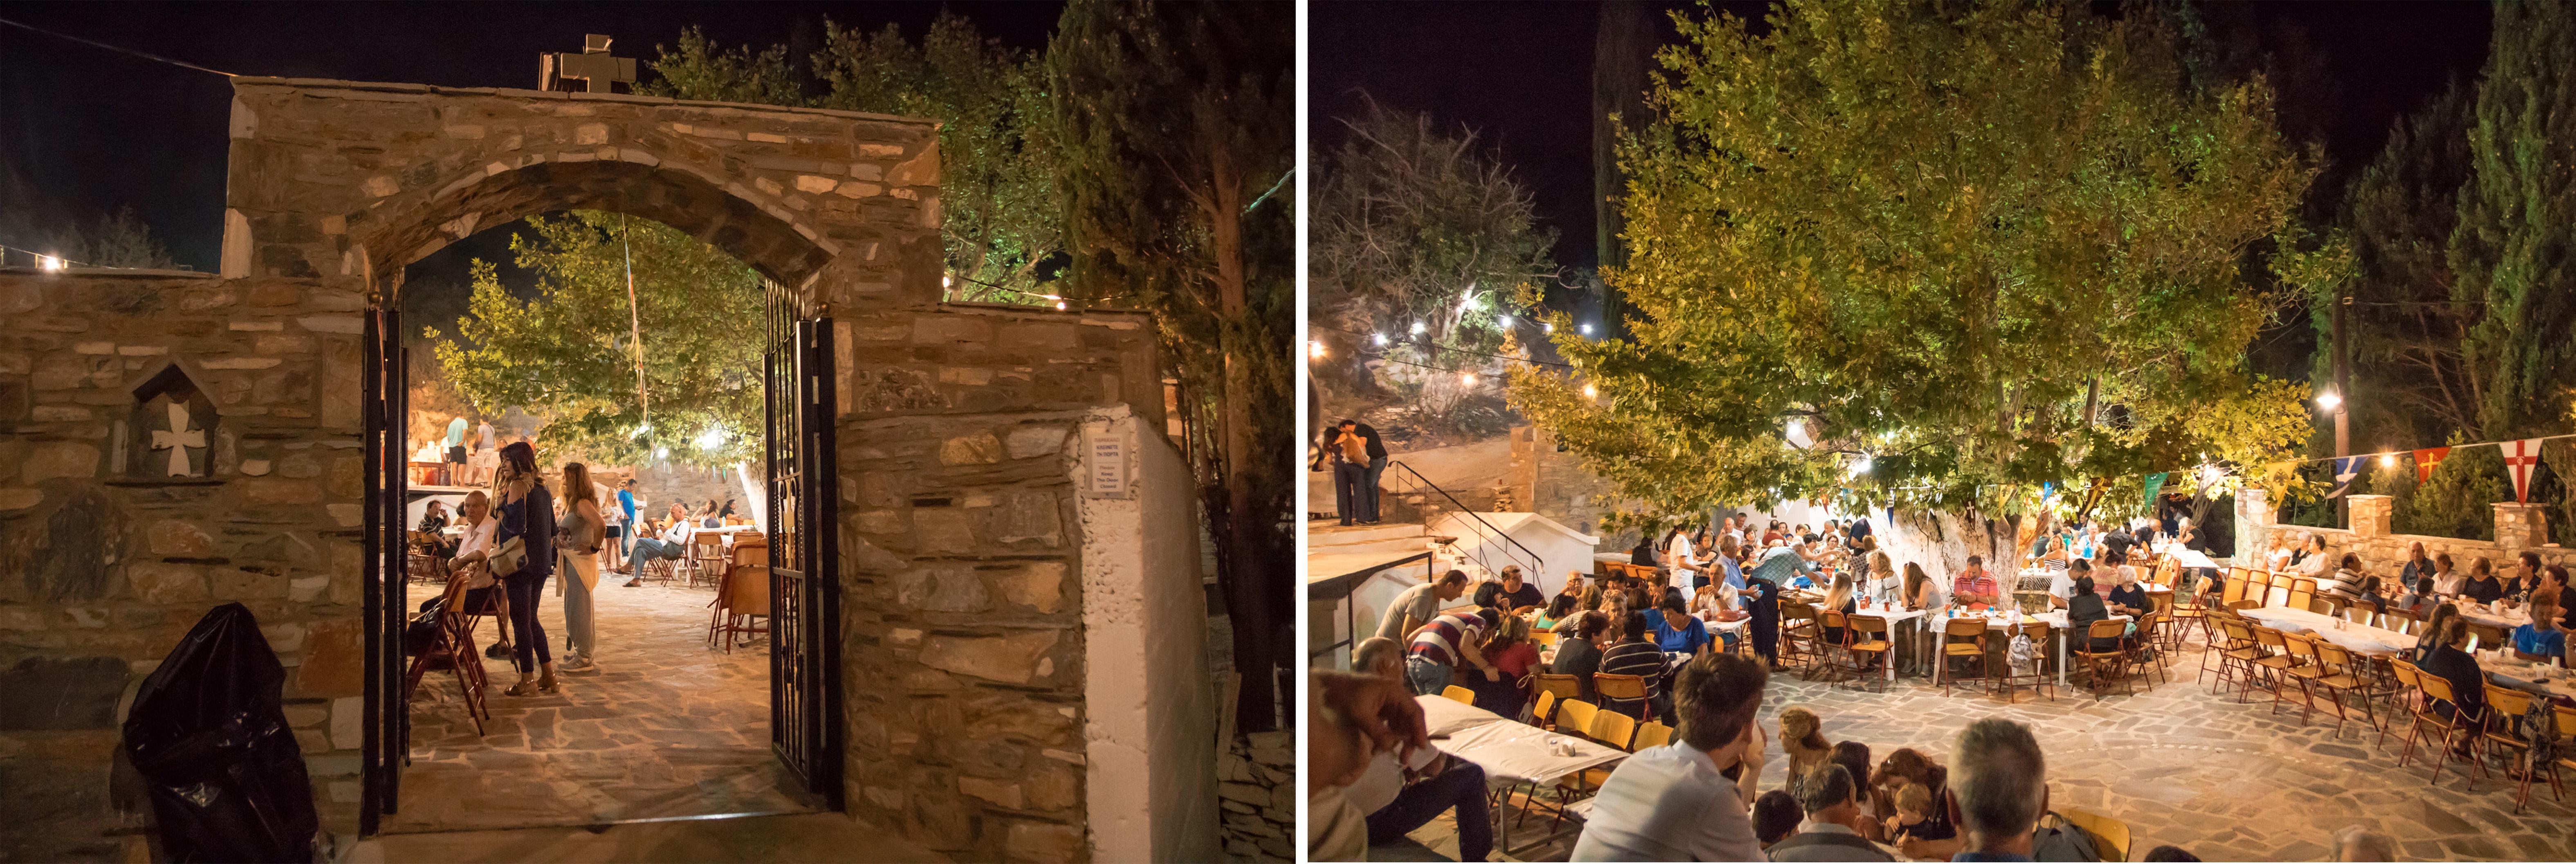 Inselfest auf Fourni - ein schönes Erlebnis mit Essen und Musik